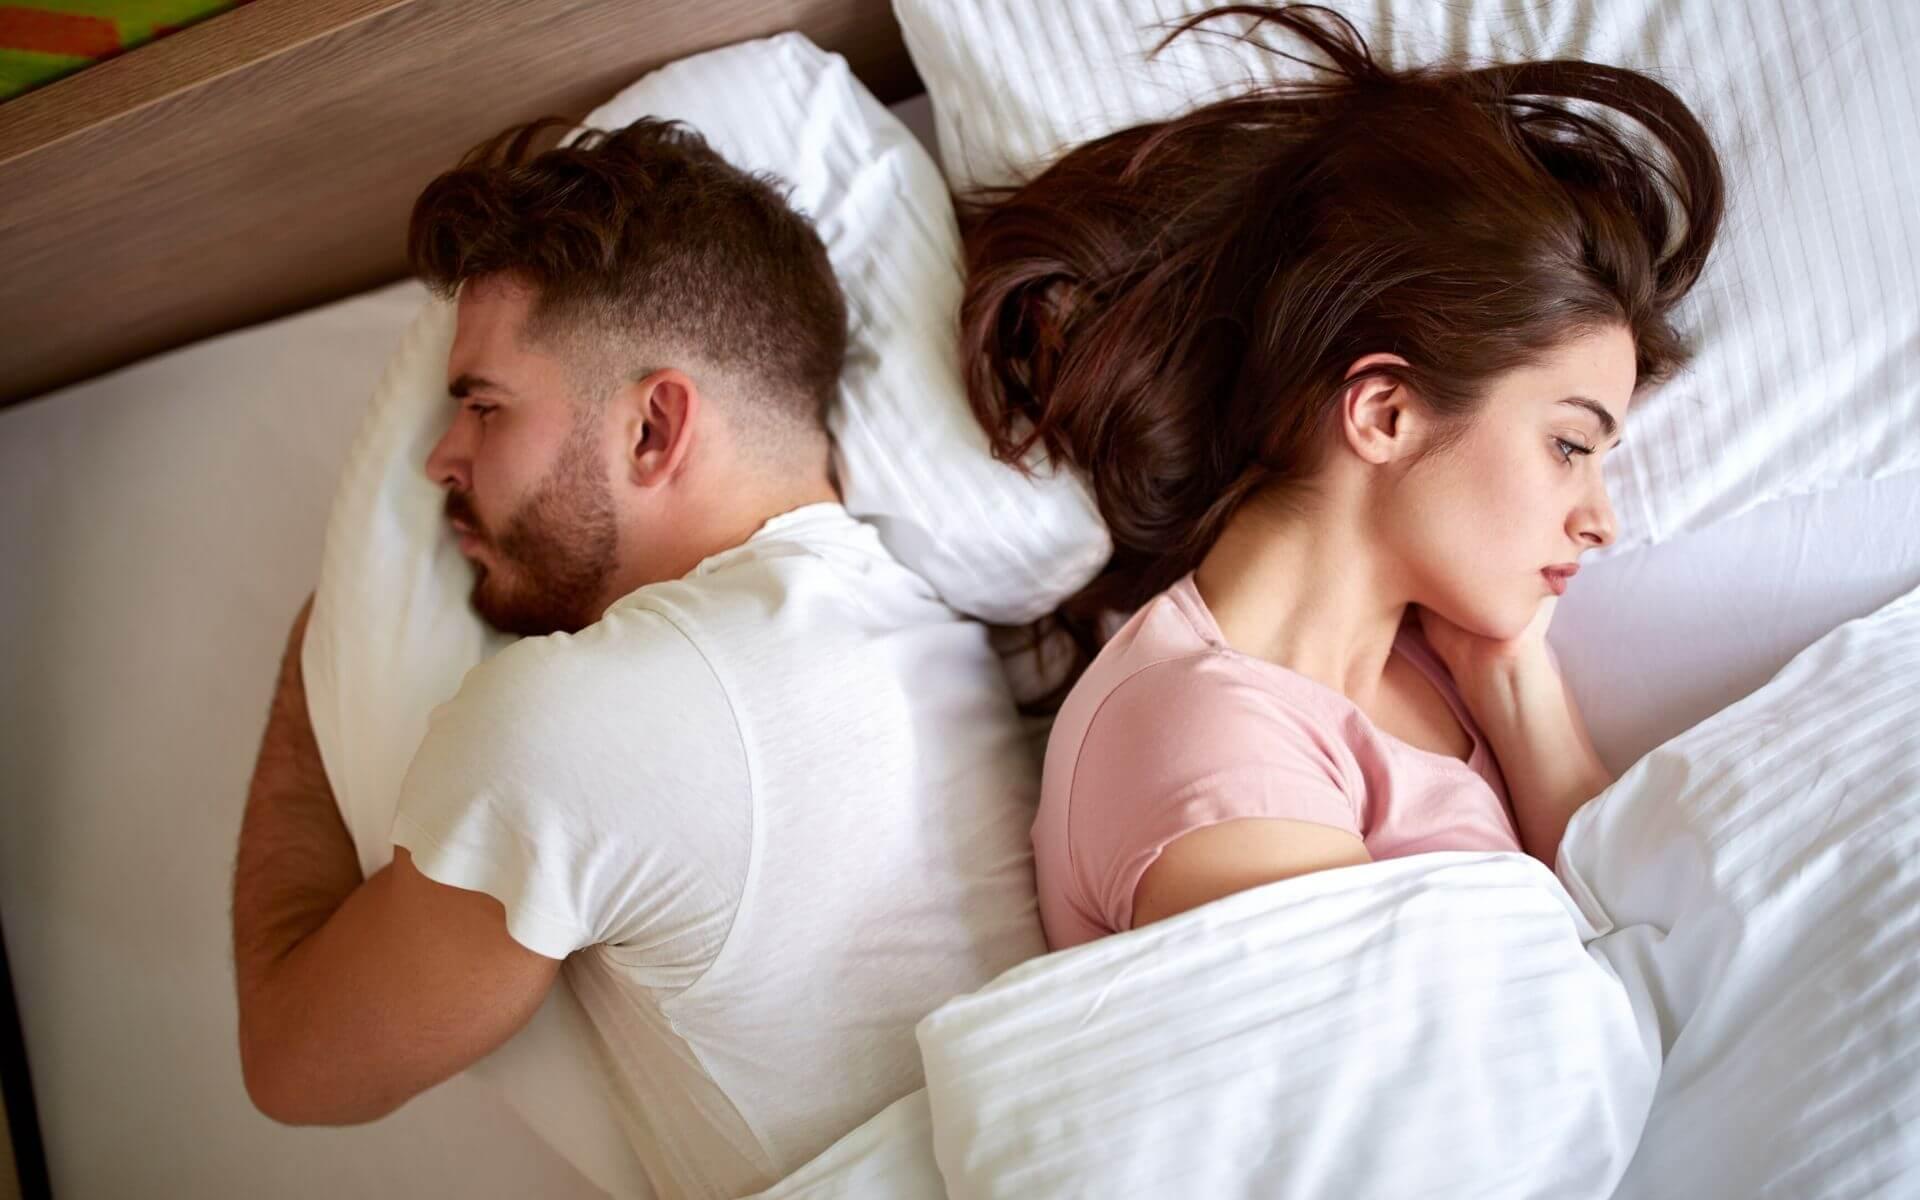 Fremdgehen - 5 Anzeichen, dass dein Partner dich betrügt